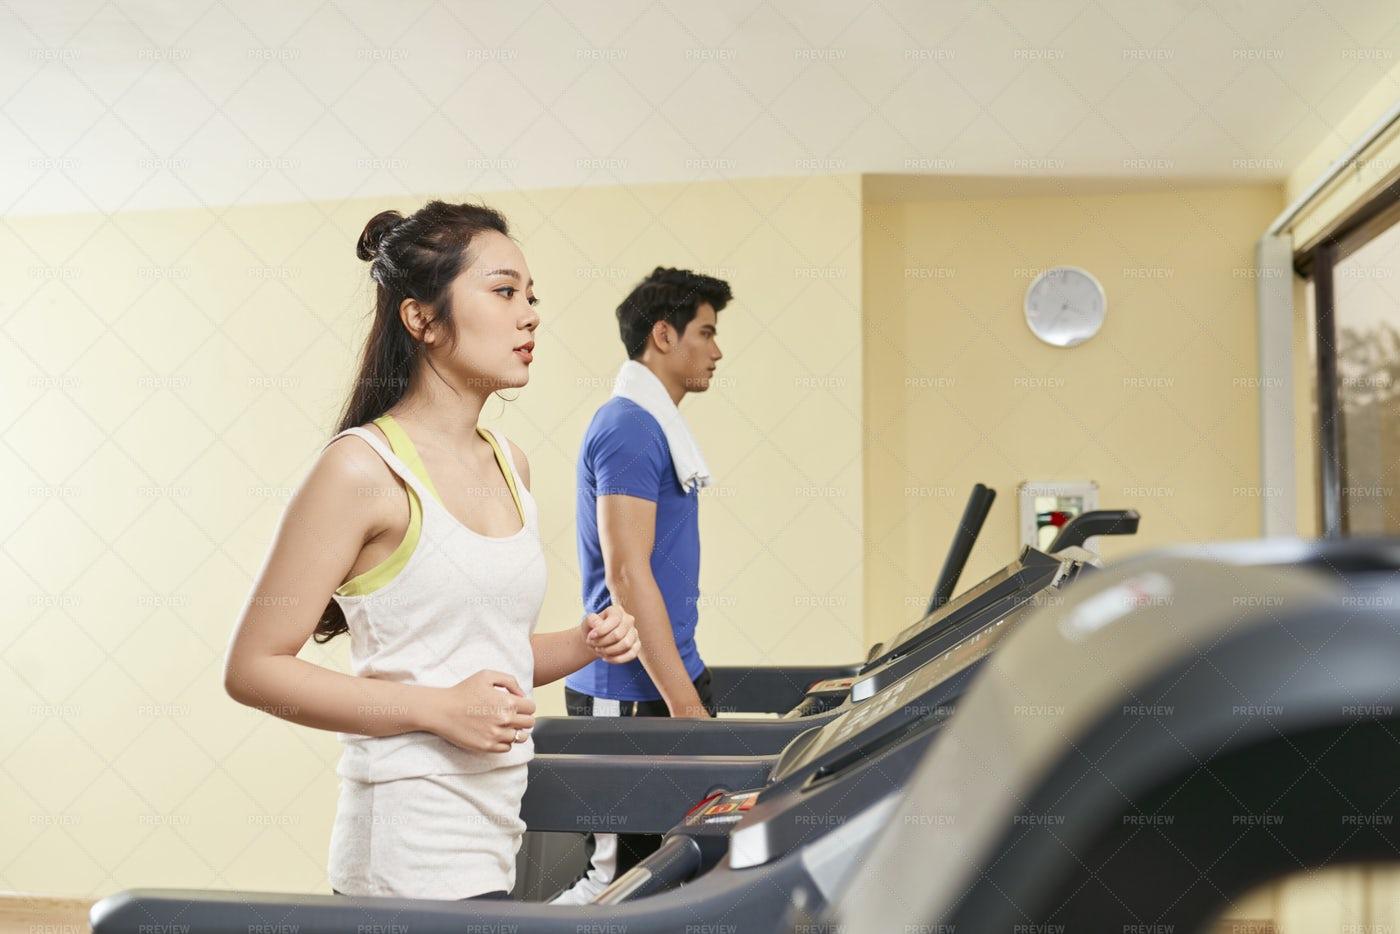 People Running On Treadmills: Stock Photos